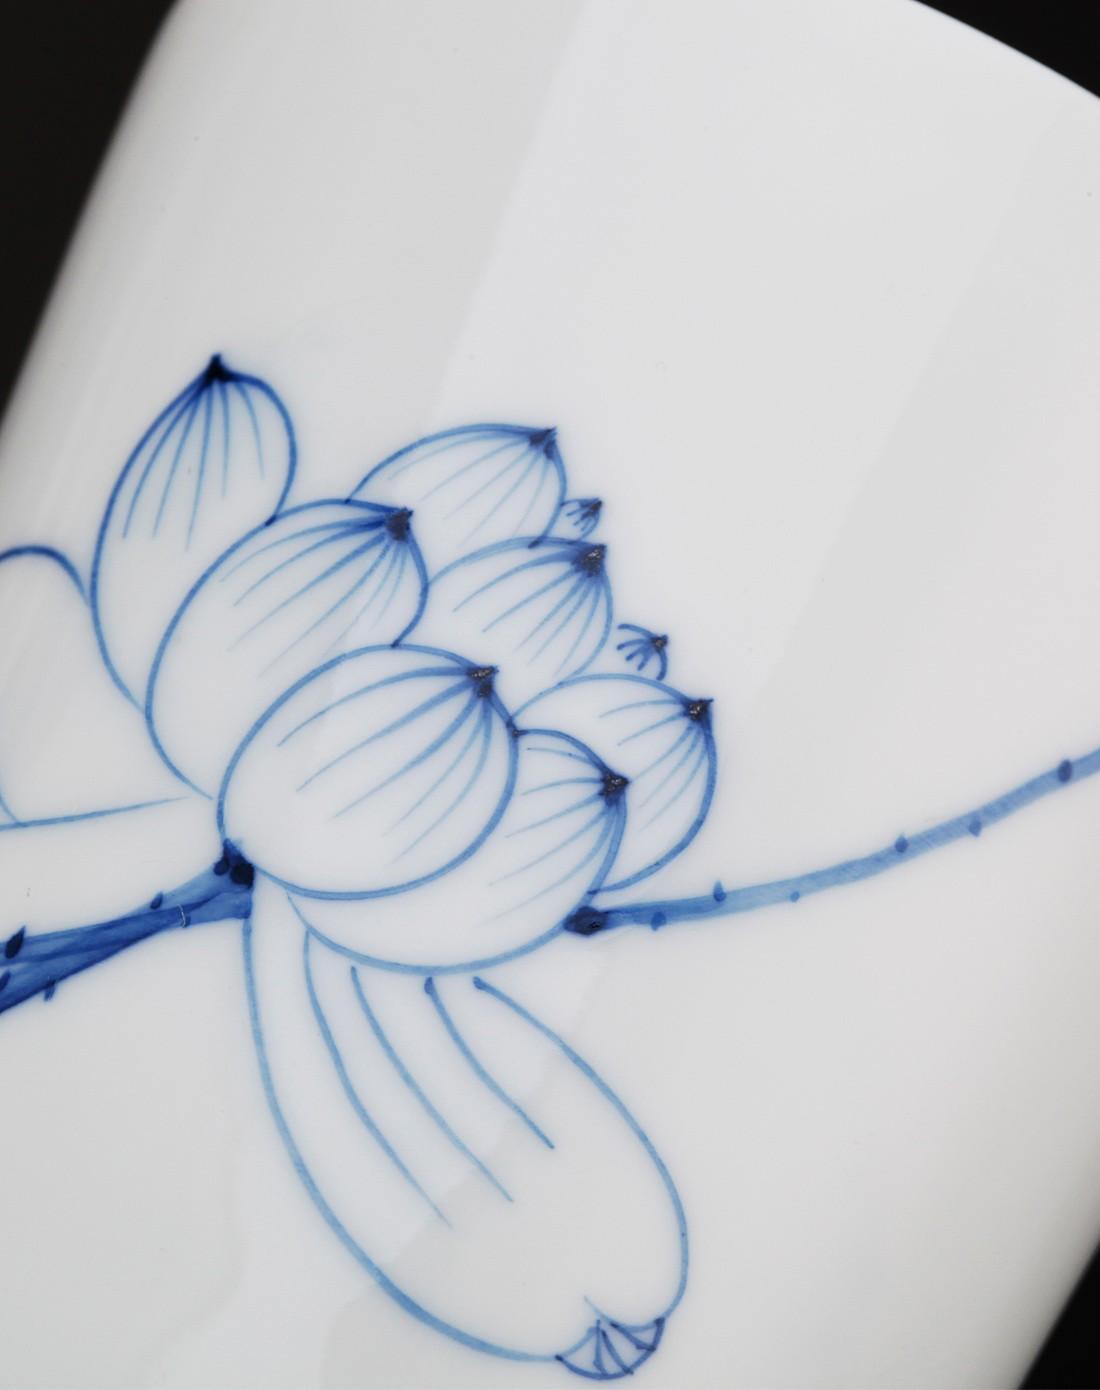 束氏茶具专场荷塘月色-蓝彩手绘双人大直口杯套装